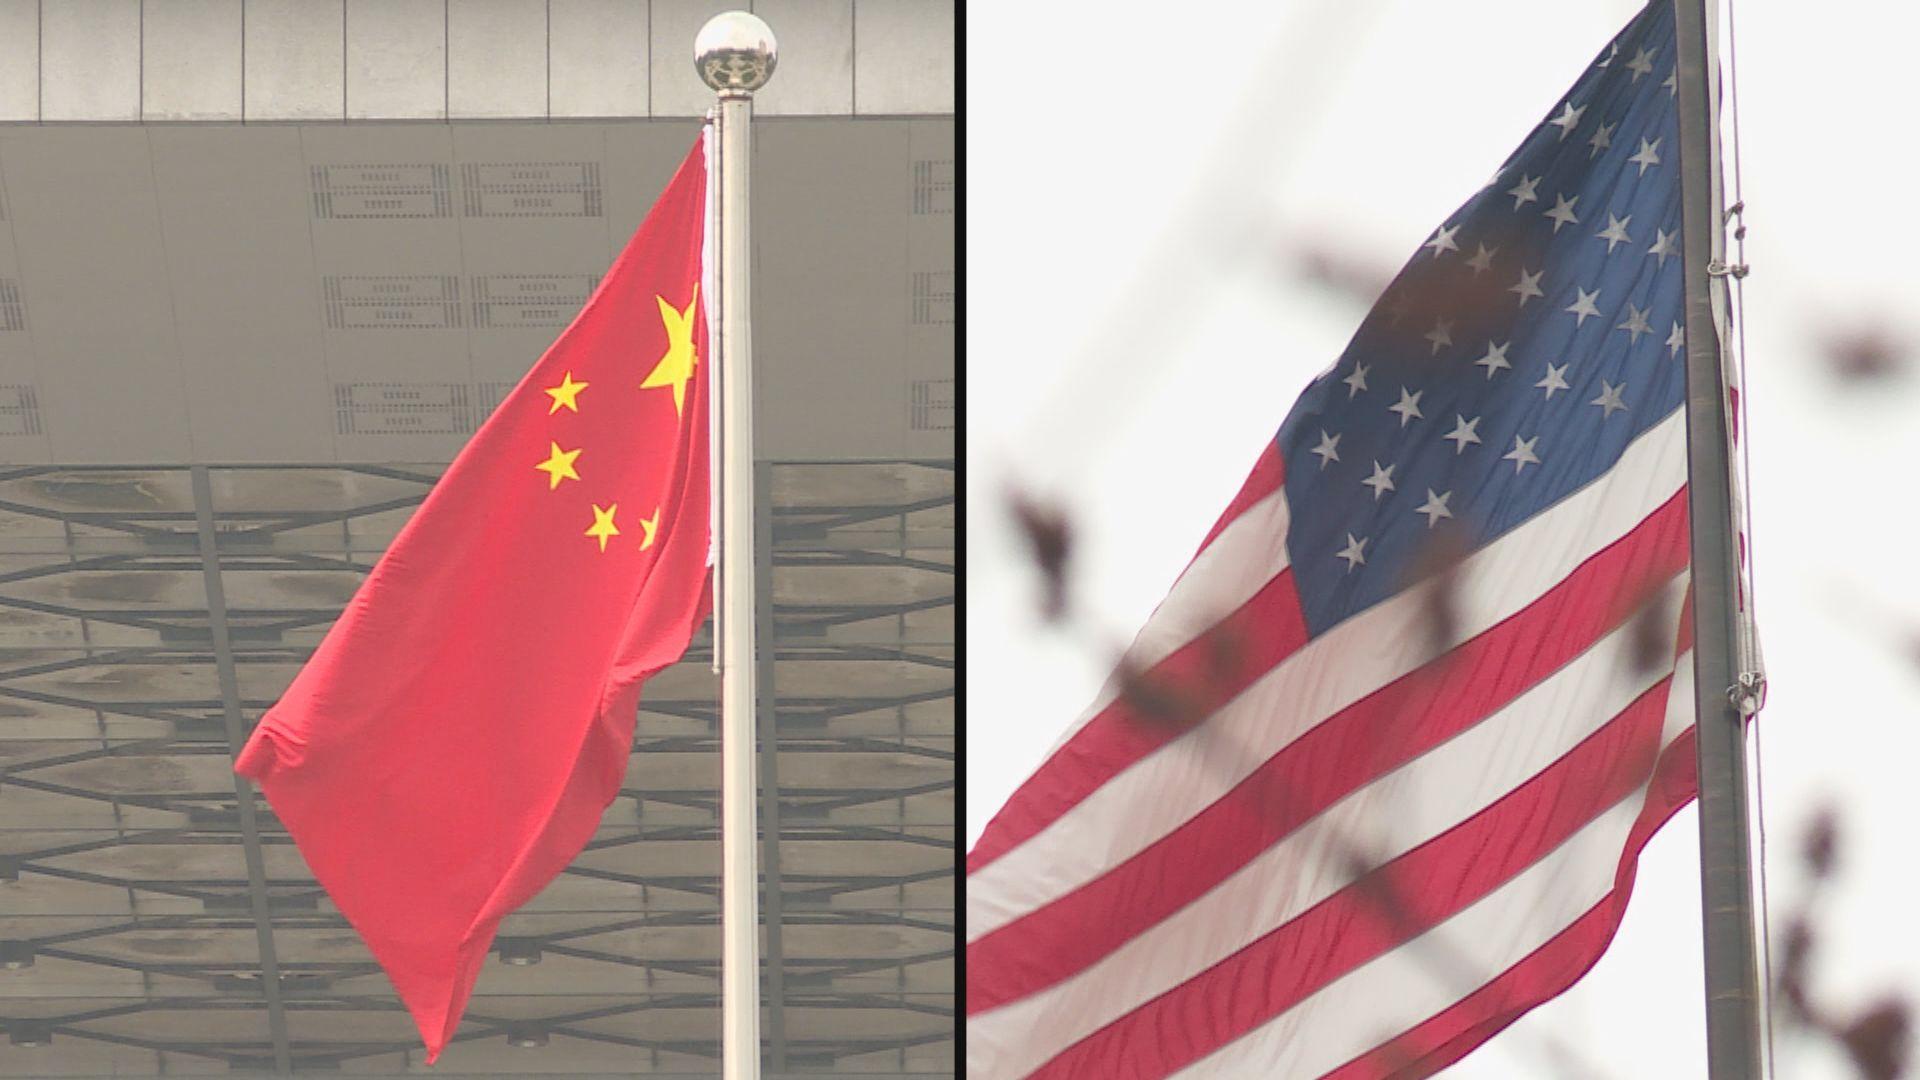 美副國務卿謝爾曼周日訪華 將與王毅會面